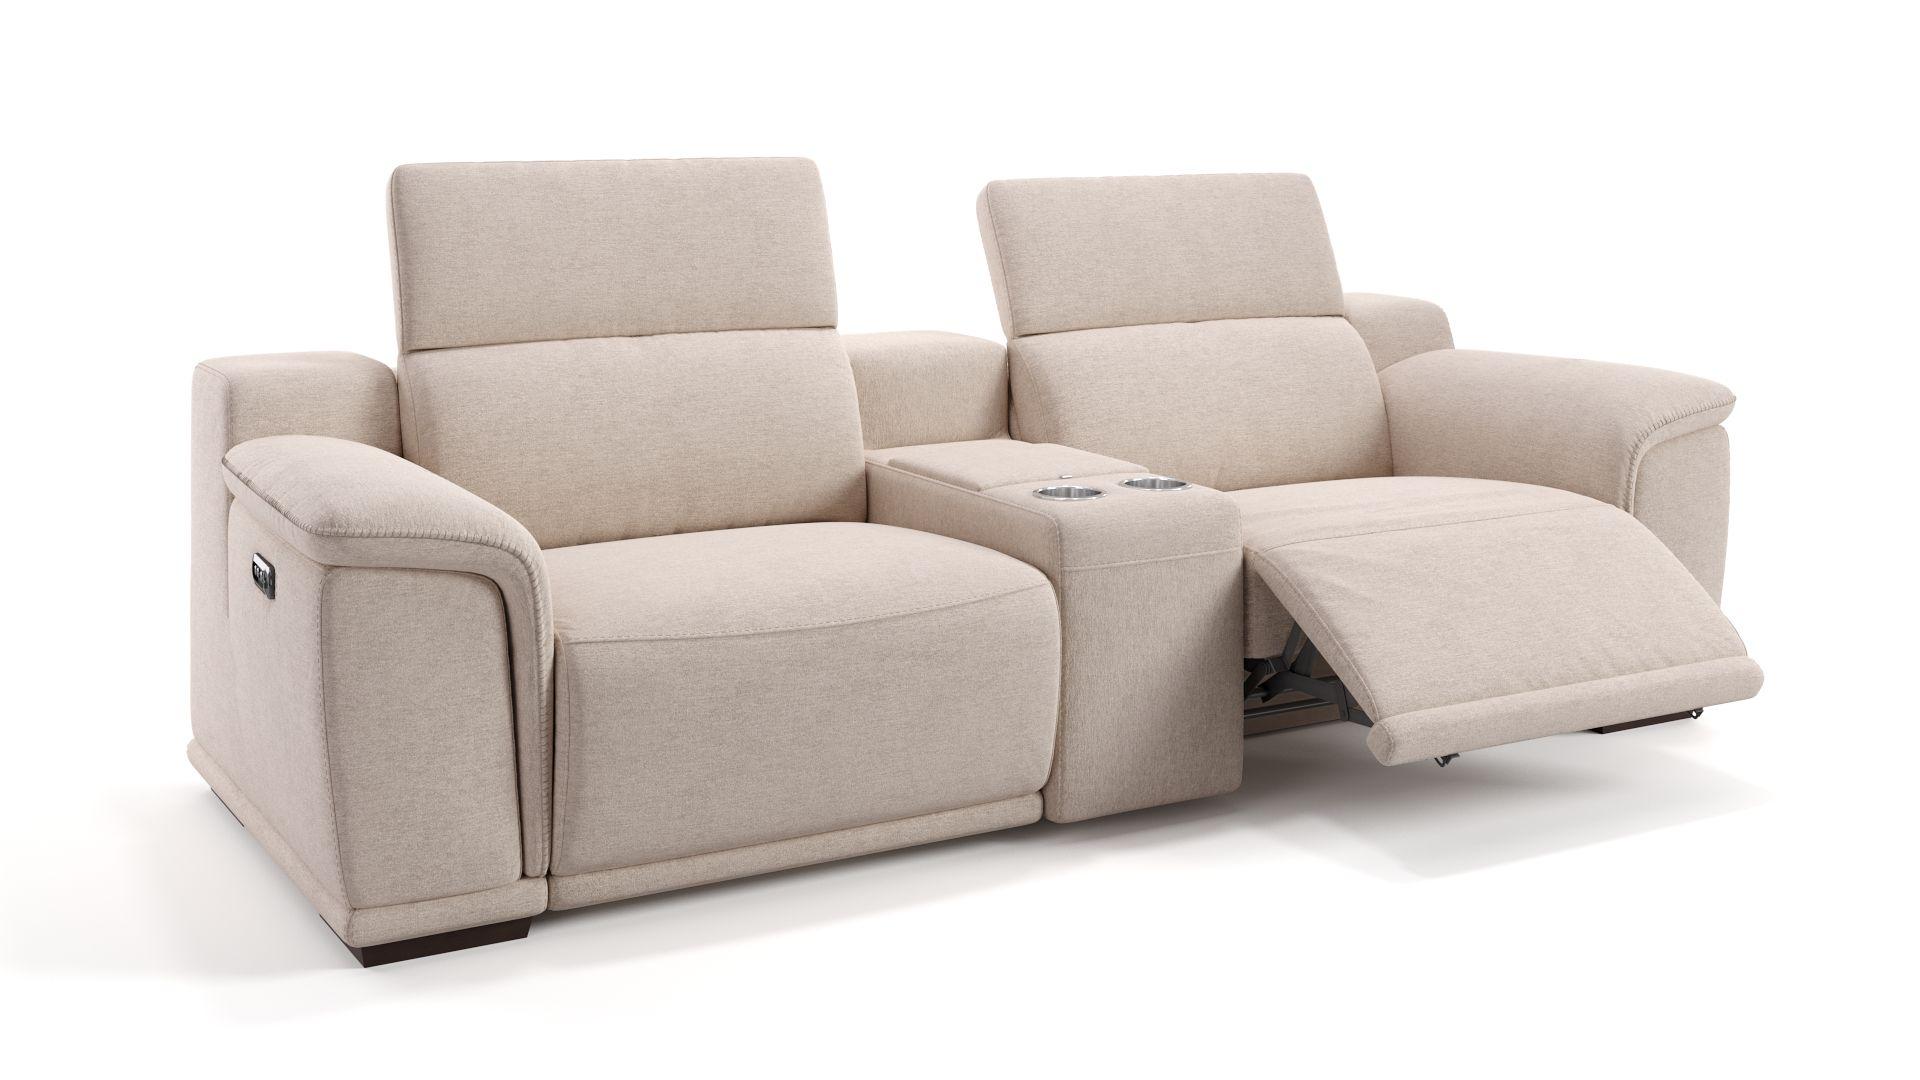 Stoff 2-Sitzer Kinosofa mit einer Mittelkonsole MONTEFINO